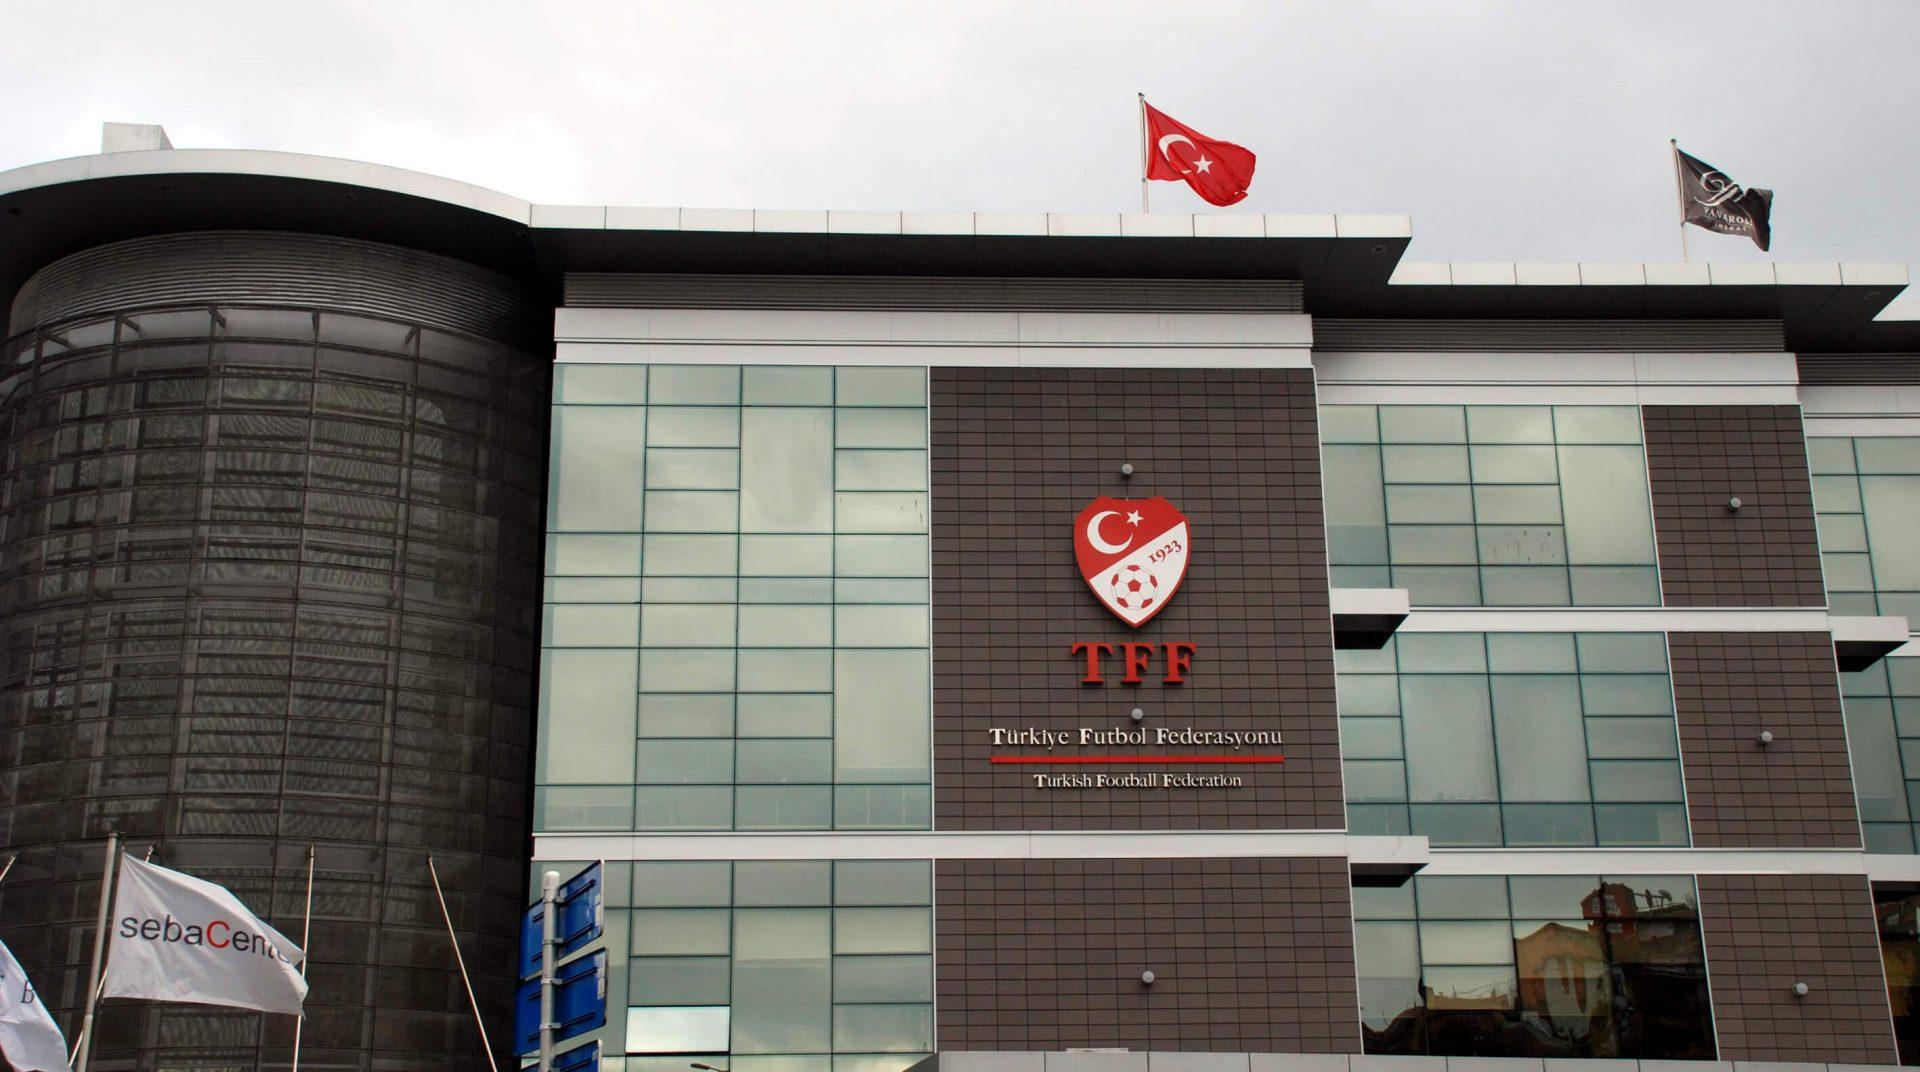 Son dakika | TFF'den harcama limiti açıklaması: Antalyaspor, Başakşehir ve  Gaziantep'e ihtar cezası